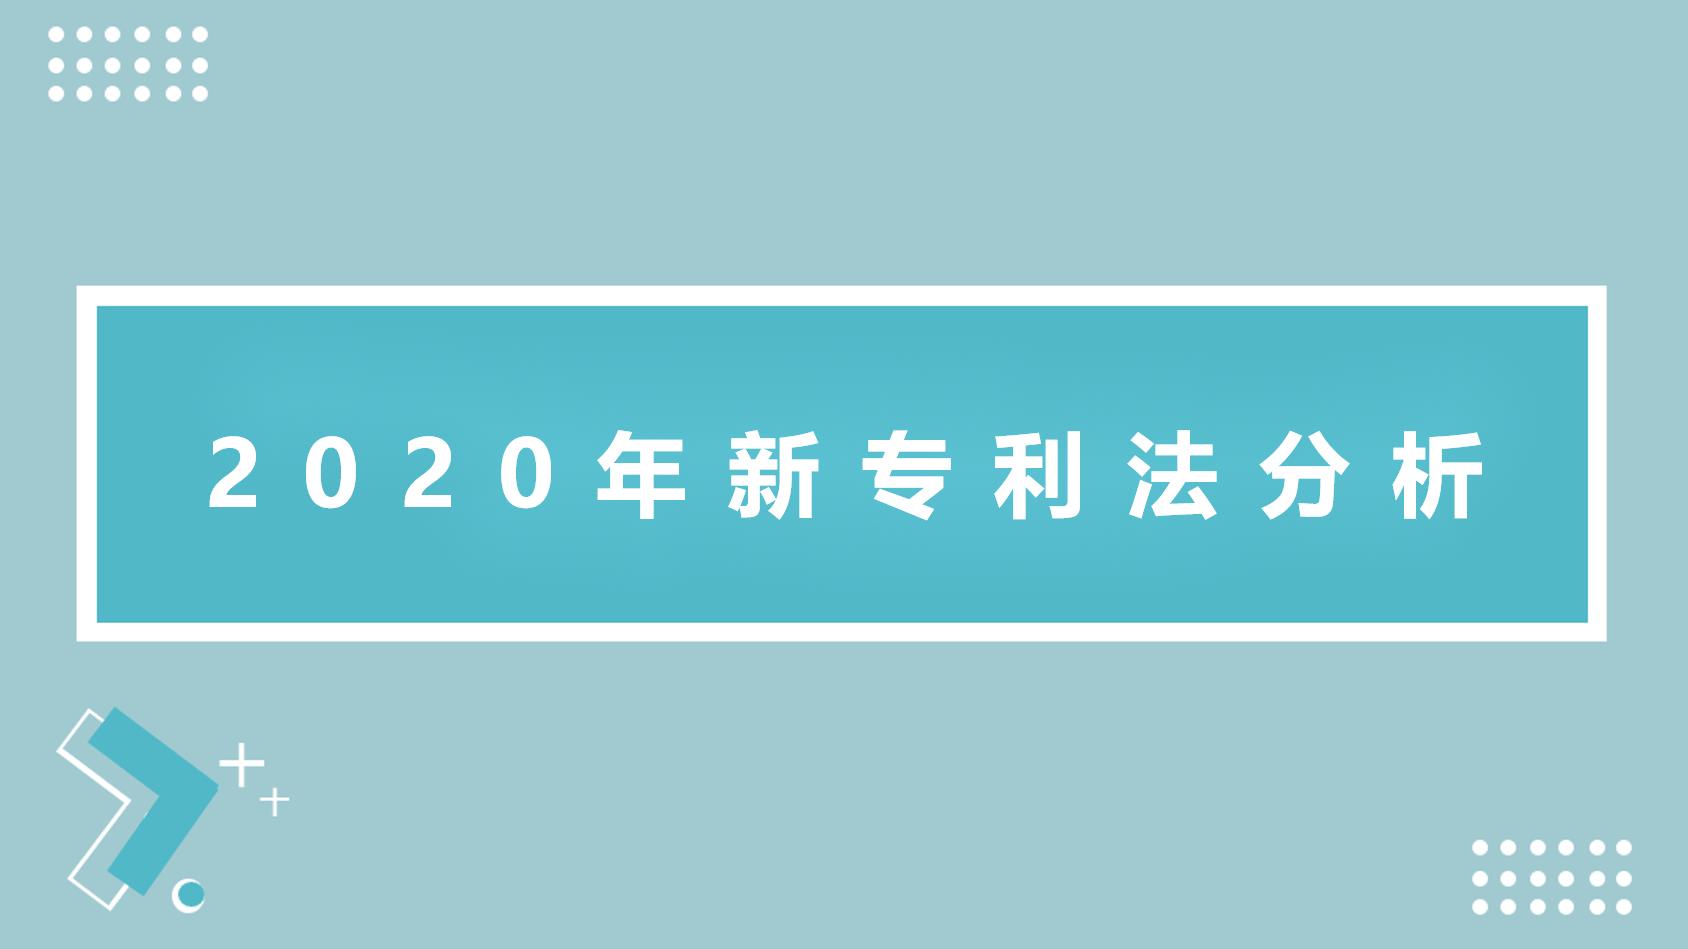 【标准政策解读】2020年新专利法分析